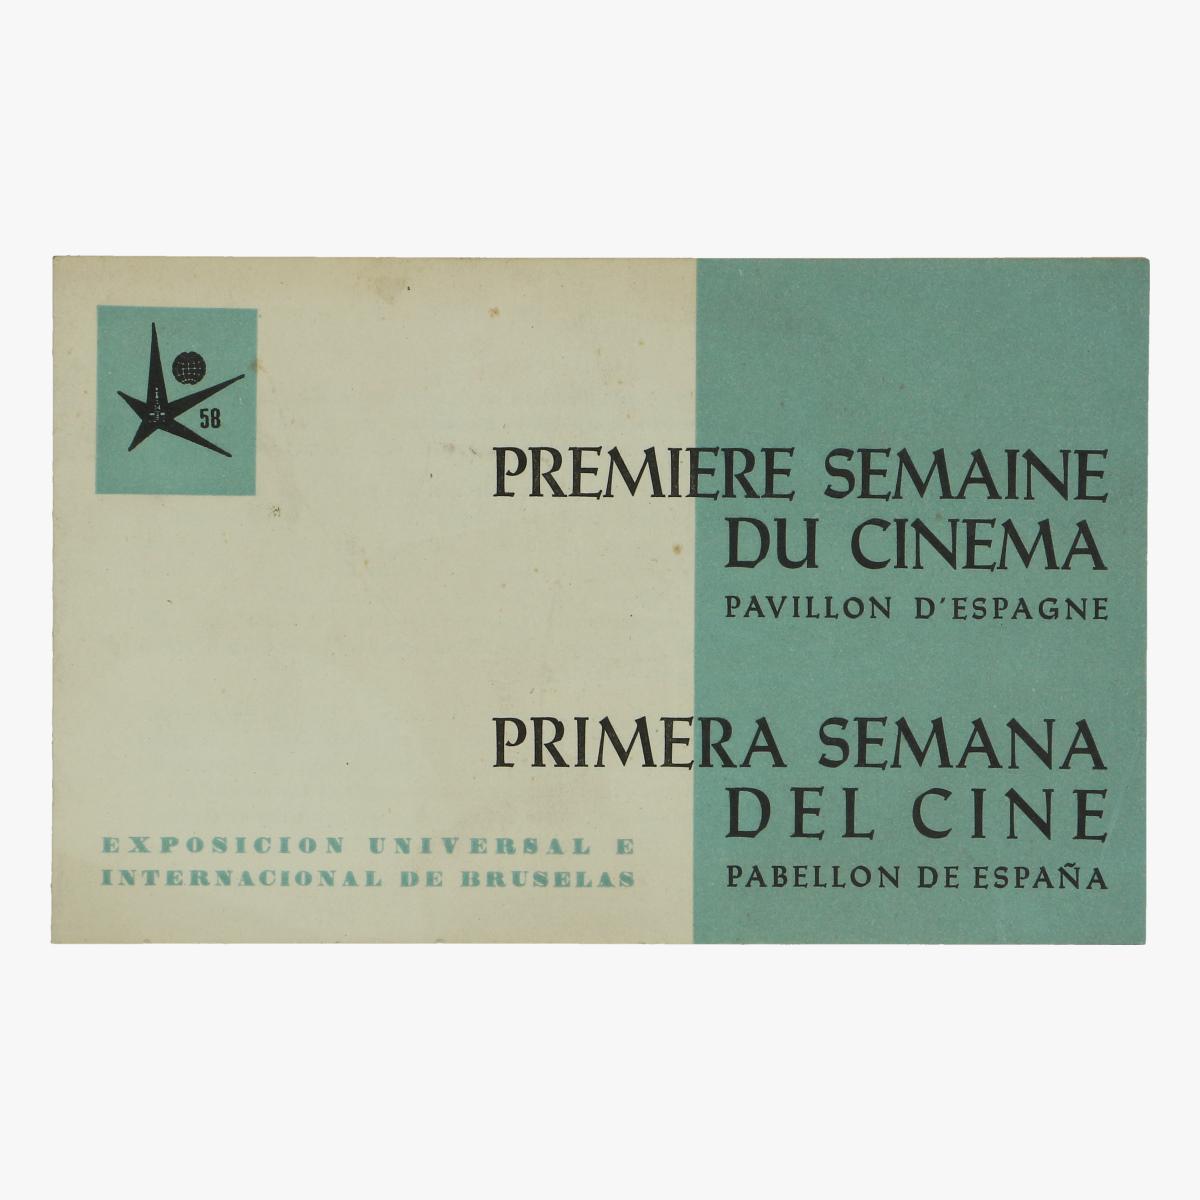 Afbeeldingen van expo 58 premiere semaine du cinema pavillon d' espagne